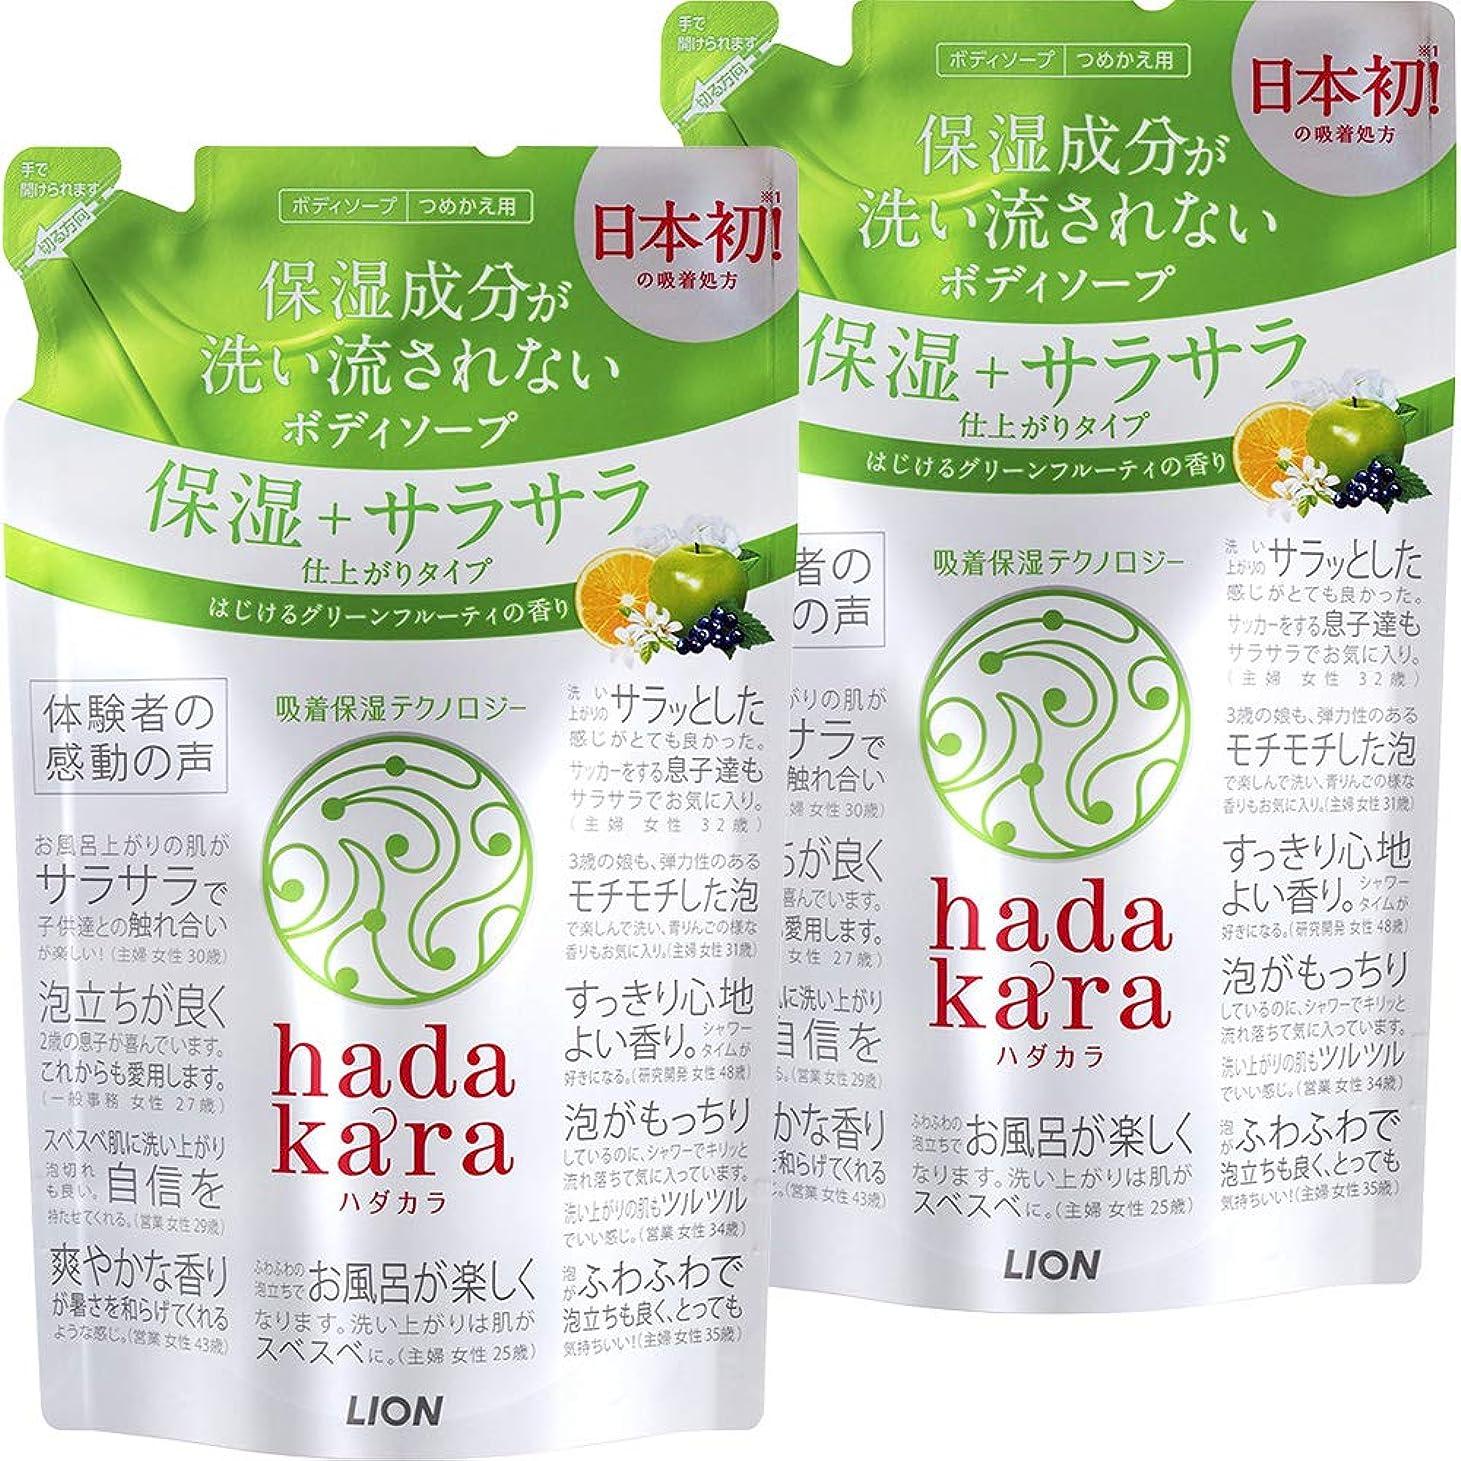 仮称追記倒錯【まとめ買い】hadakara(ハダカラ) ボディソープ 保湿+サラサラ仕上がりタイプ グリーンフルーティの香り 詰め替え 340ml×2個パック